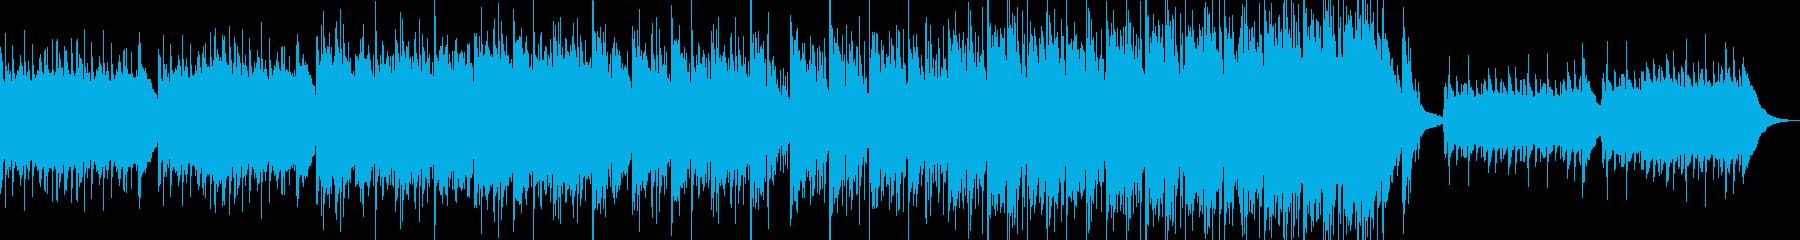 日常系癒し系アコギアコーディオンの再生済みの波形